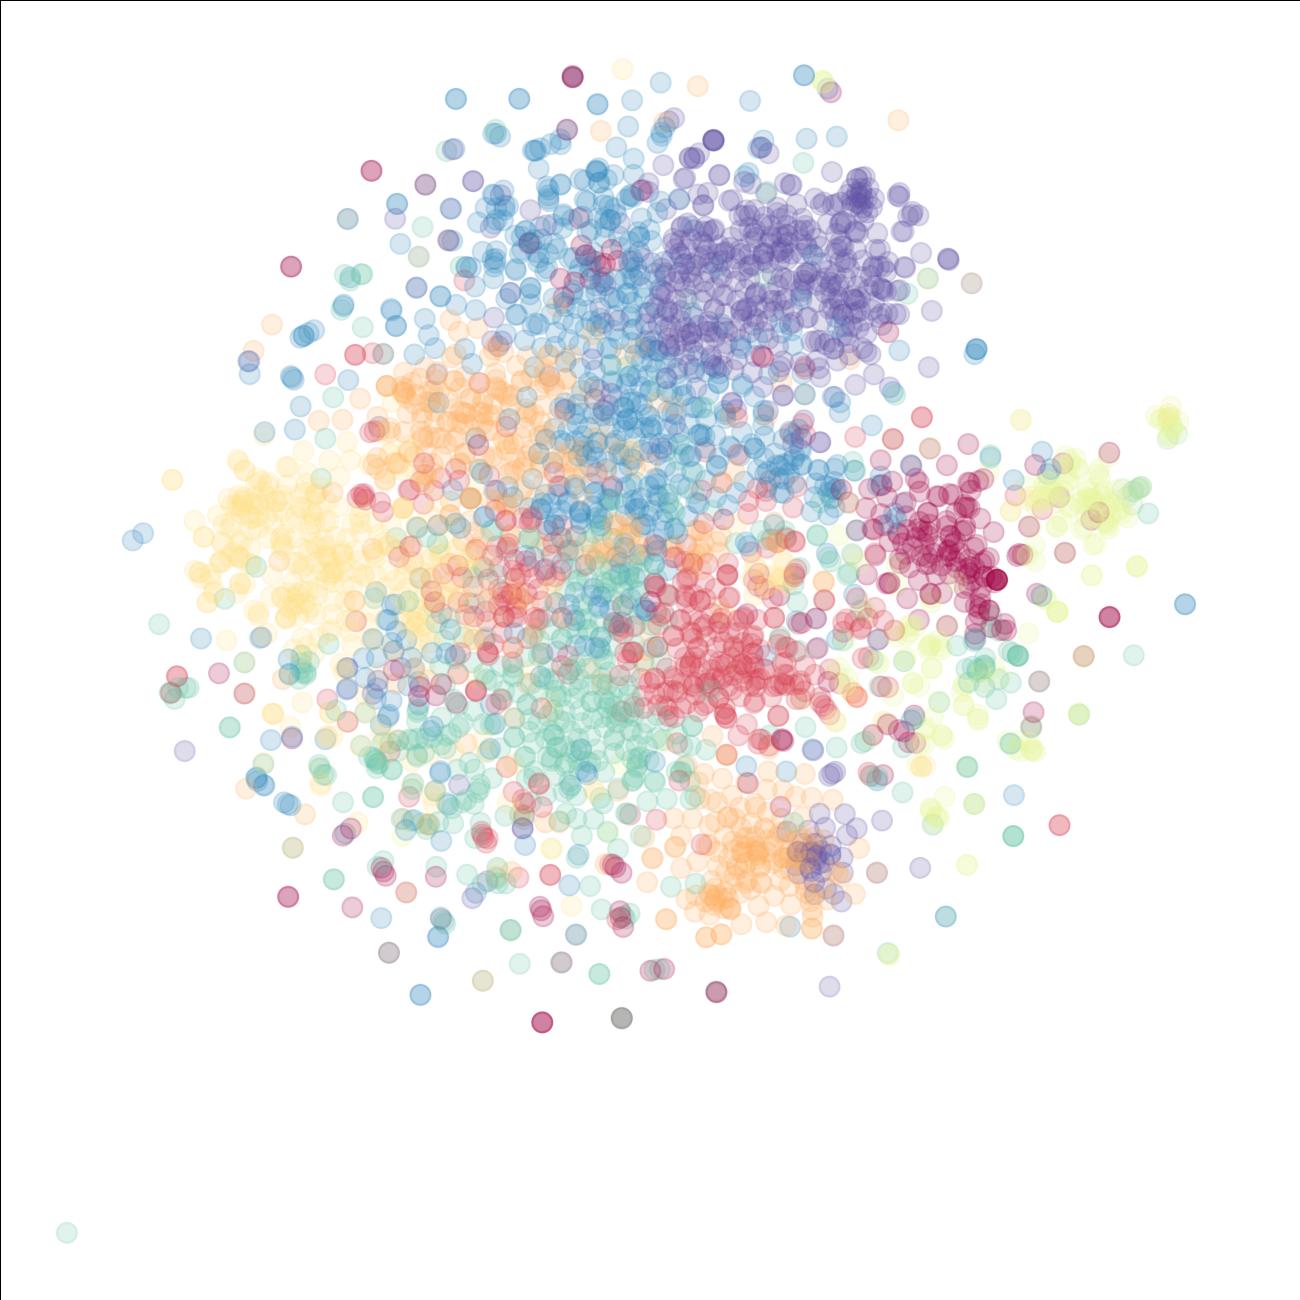 NLP 튜토리얼: 라벨링 없이 트위터 유저들을 자동으로 나누어보기